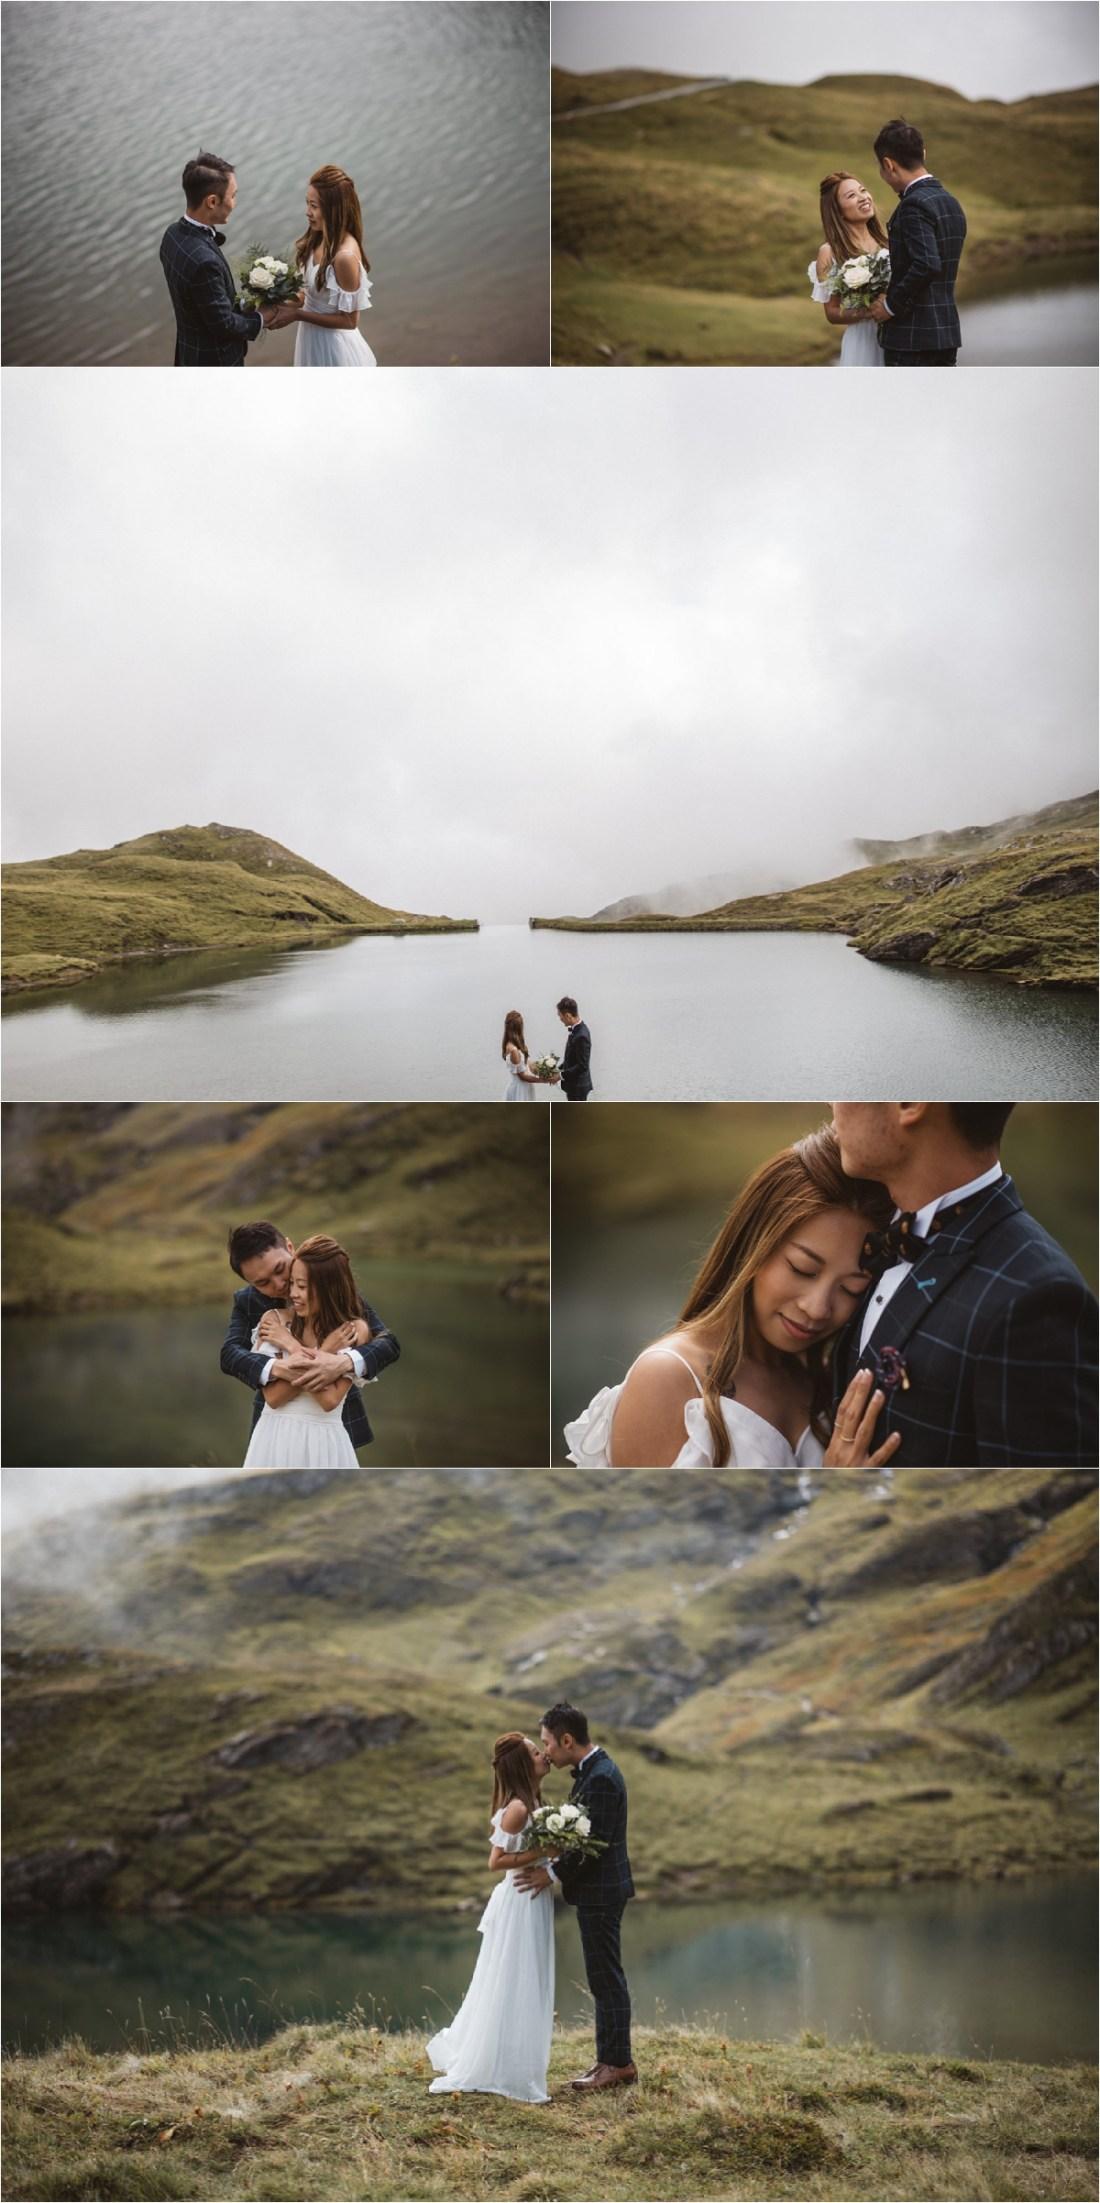 A Swiss Alps elopement shoot by KatjaSimon Photography